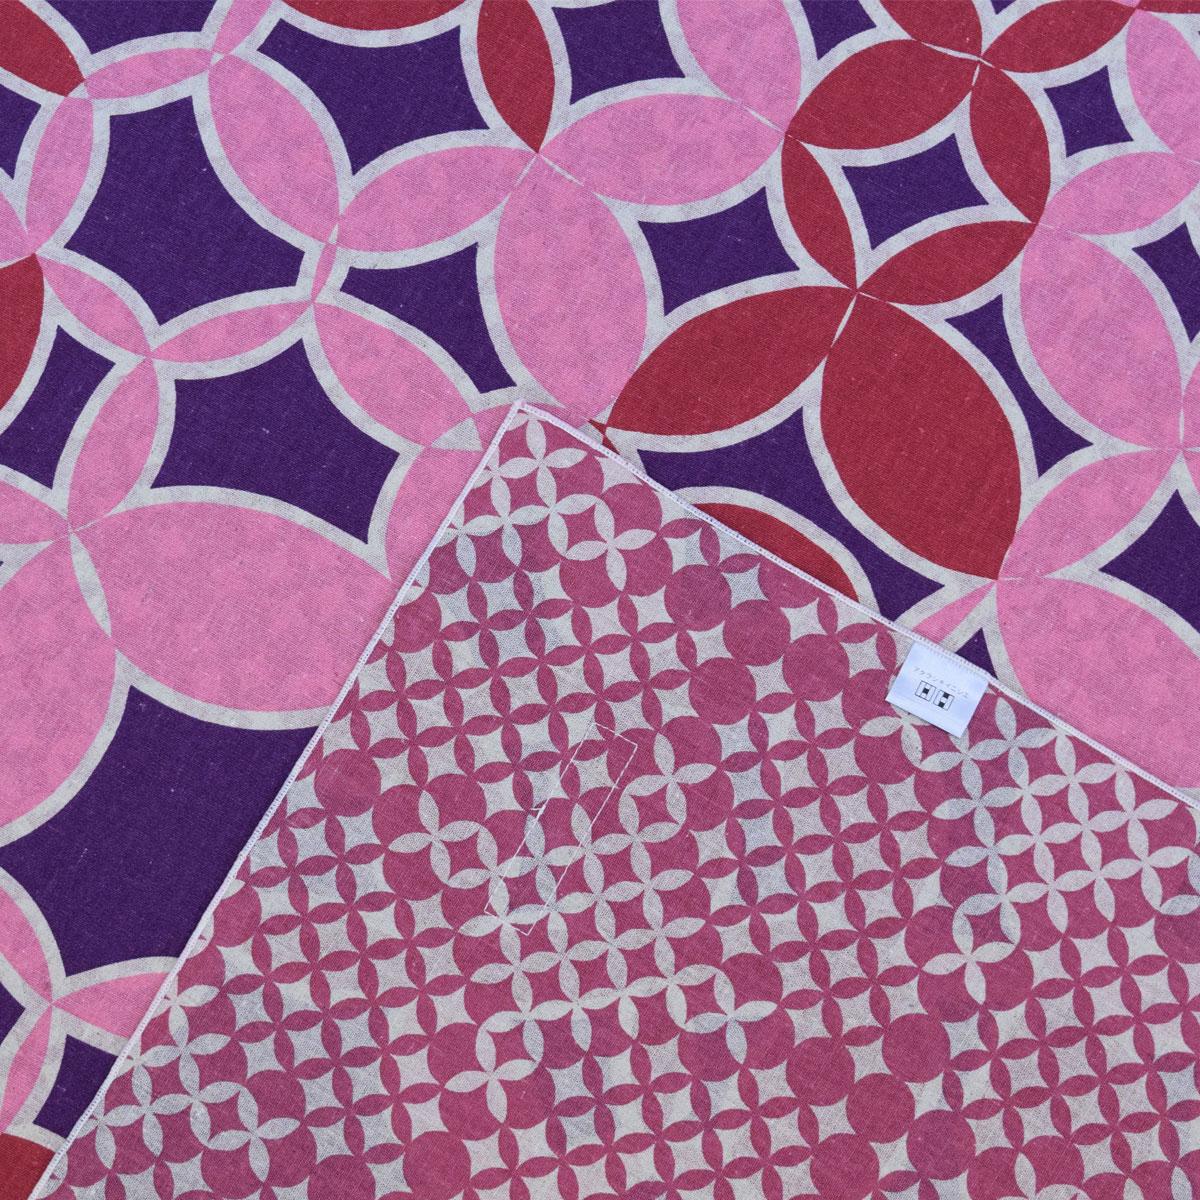 ふろしき 三巾 アタラシキイニシエ shippou ブラウン ワインレッド